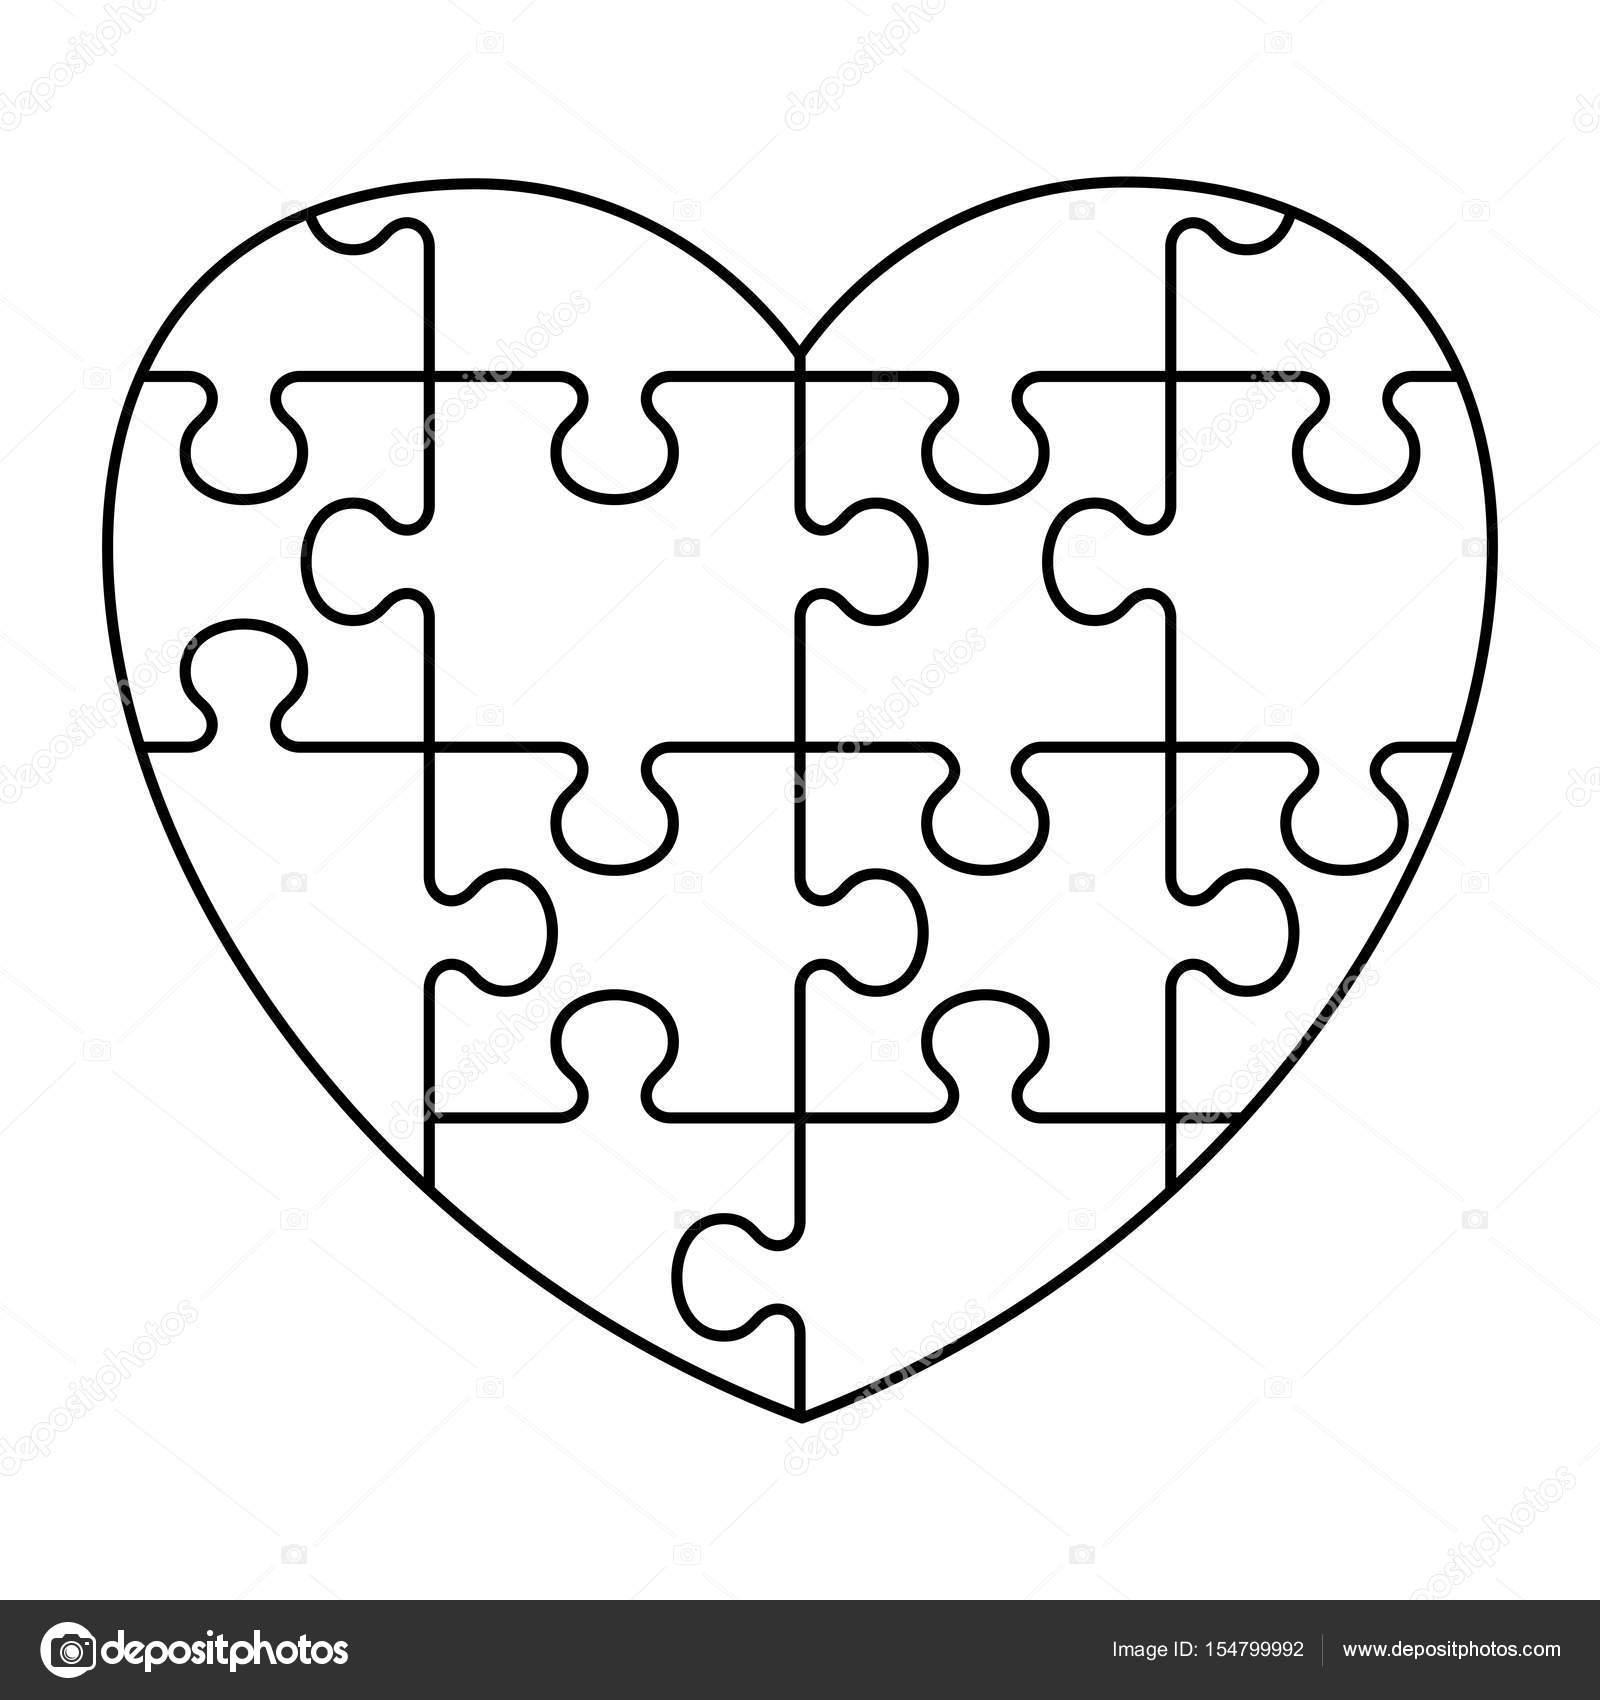 Corazon en rompecabezas para colorear | Puzzle icono del corazón